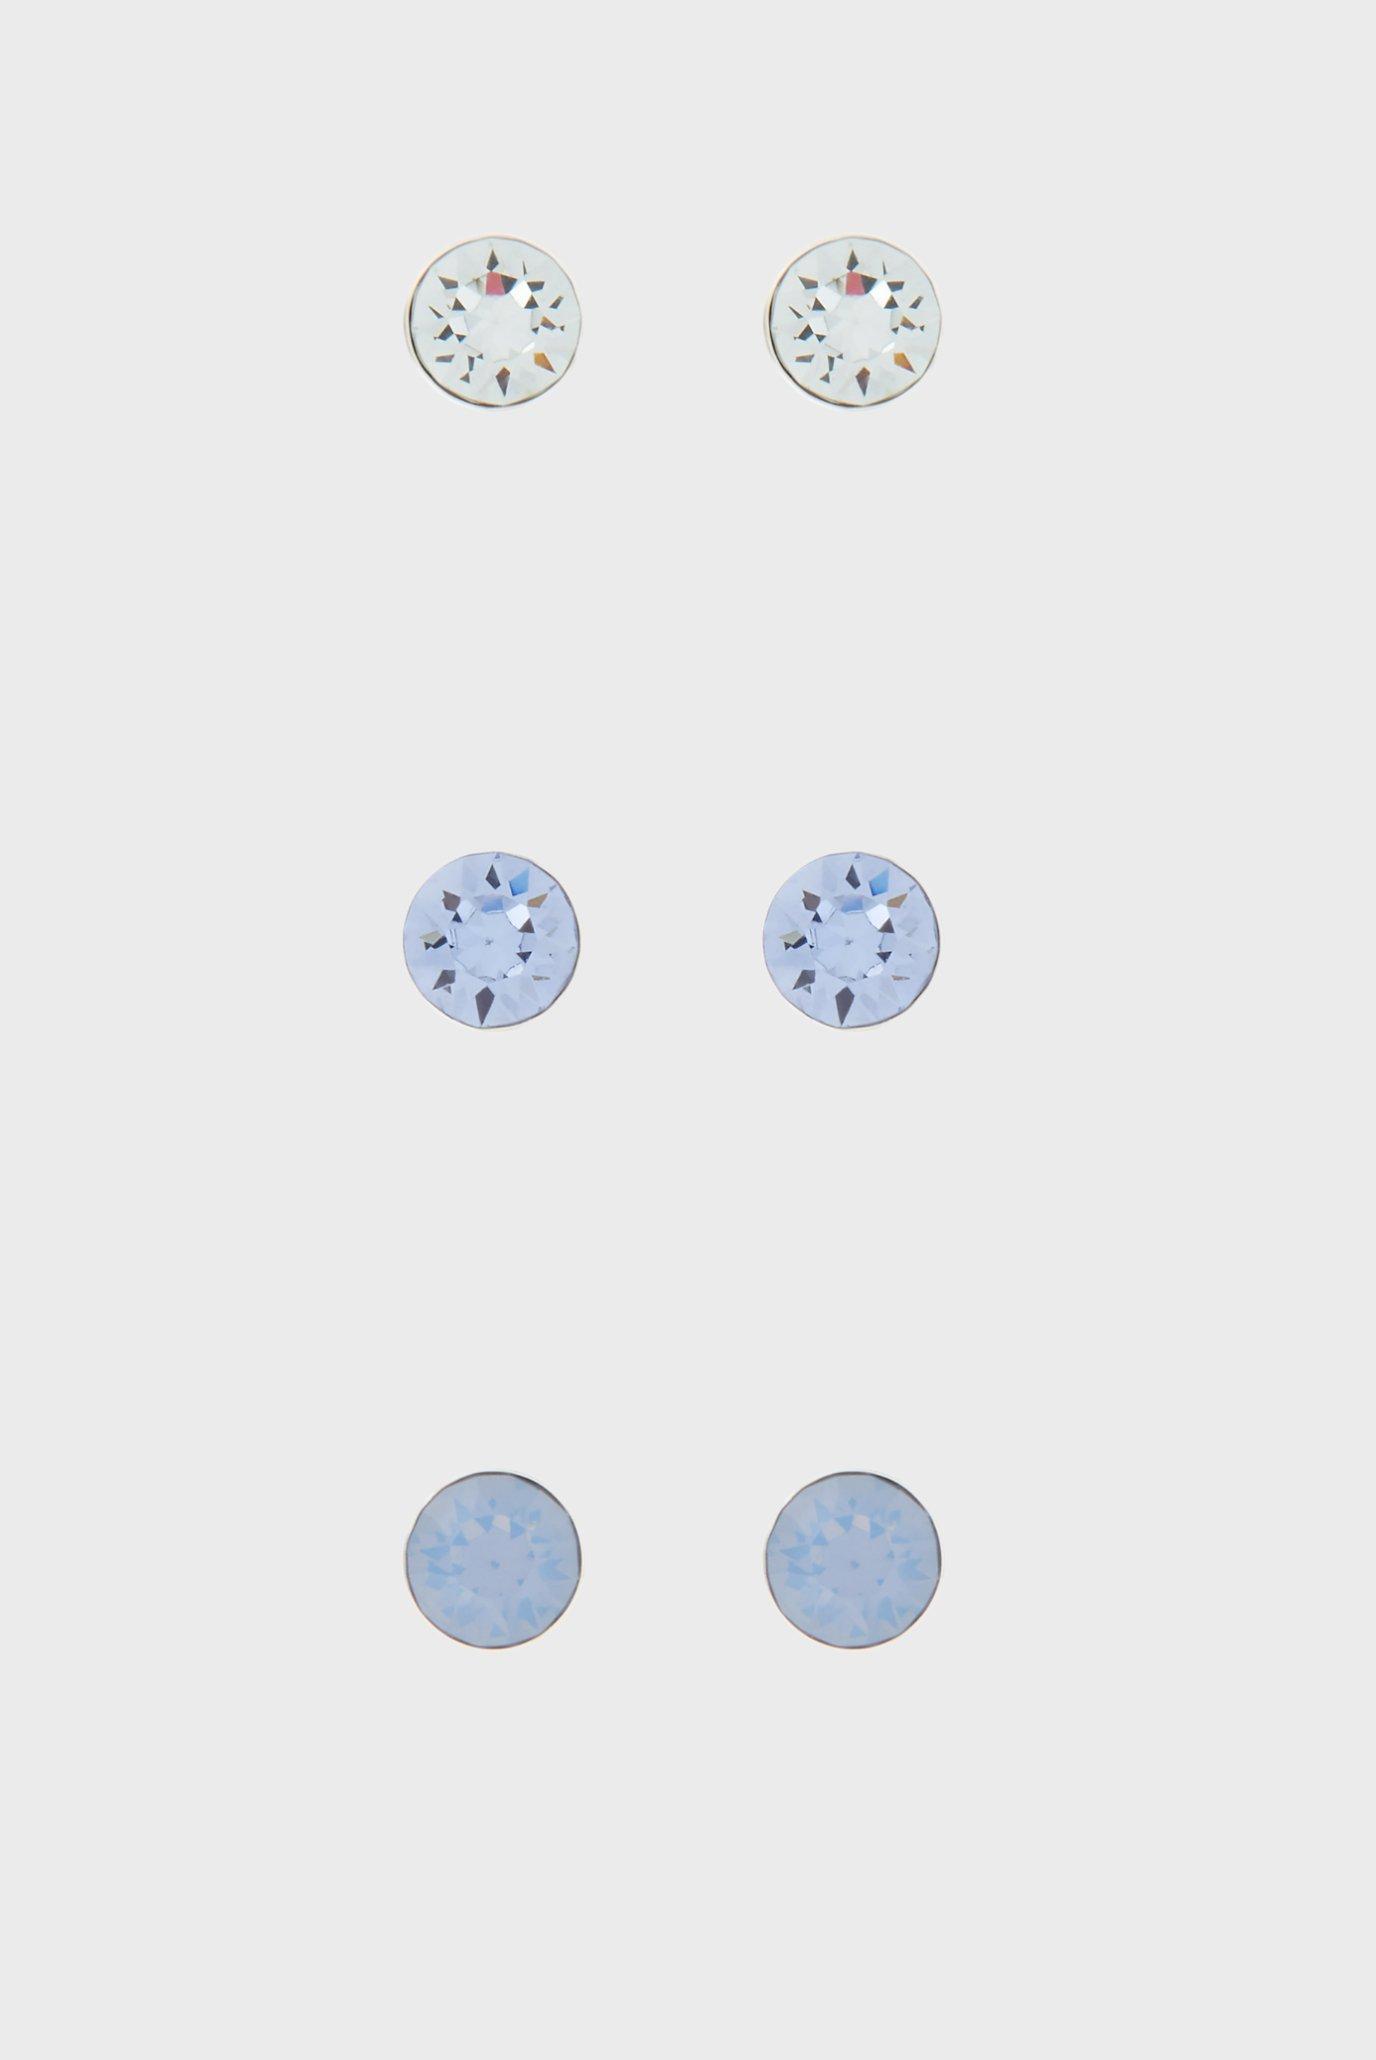 Жіночі срібні сережки SWAROVSKI STUD (3 пари) 1